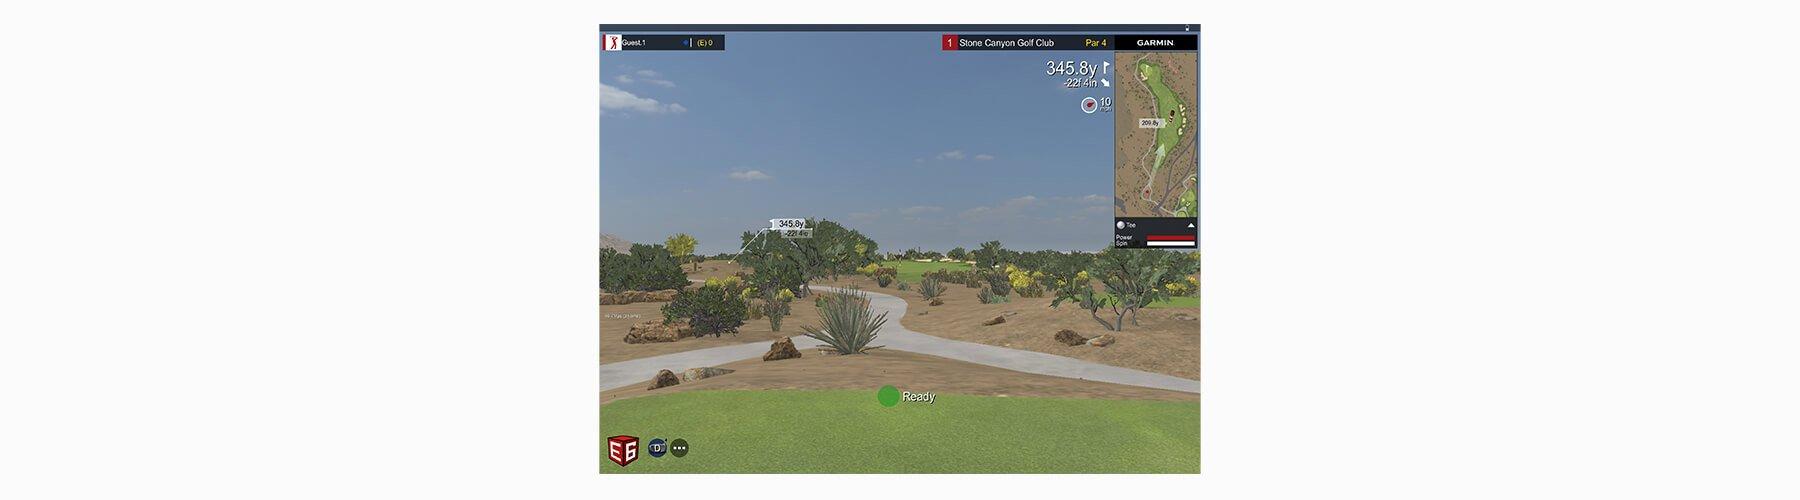 Simulators View